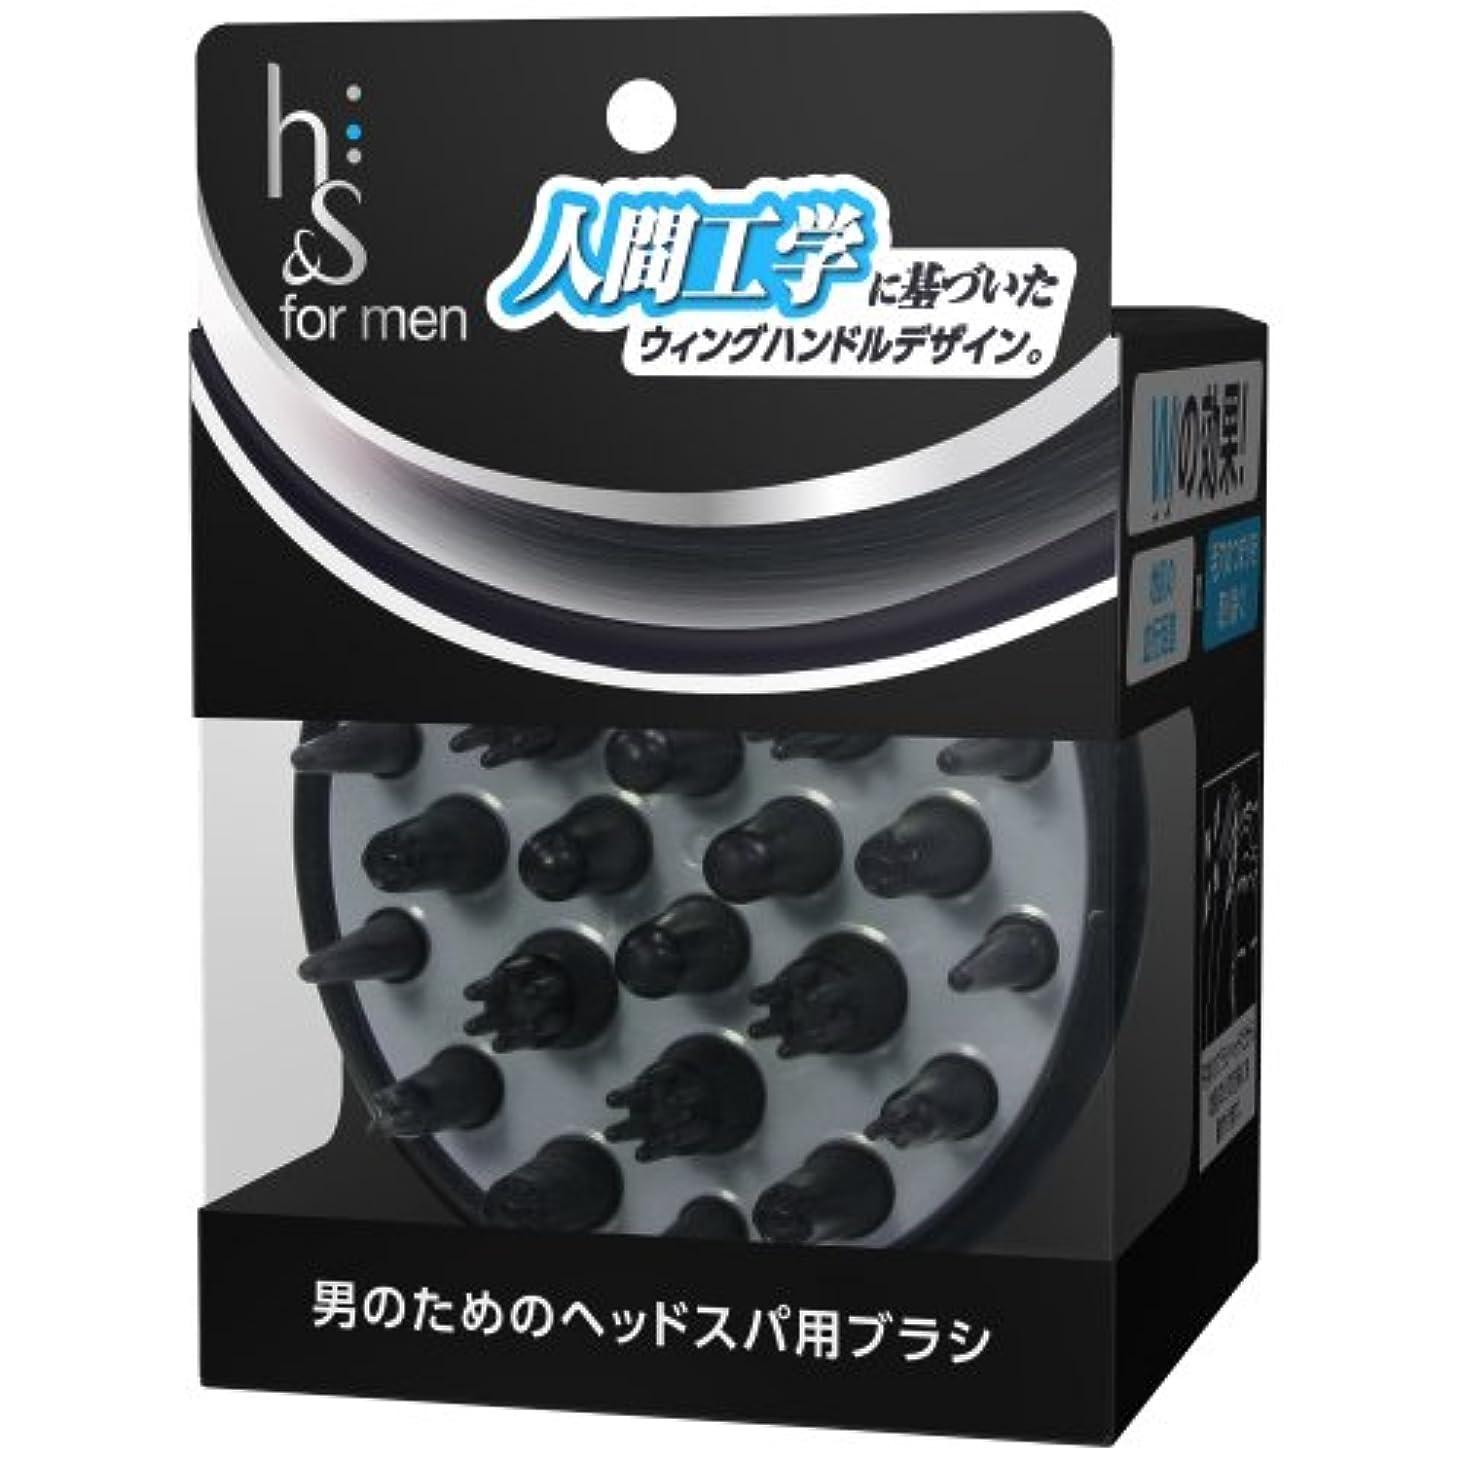 ジャグリング再撮り見る人h&s for men 男のためのヘッドスパ用ブラシ